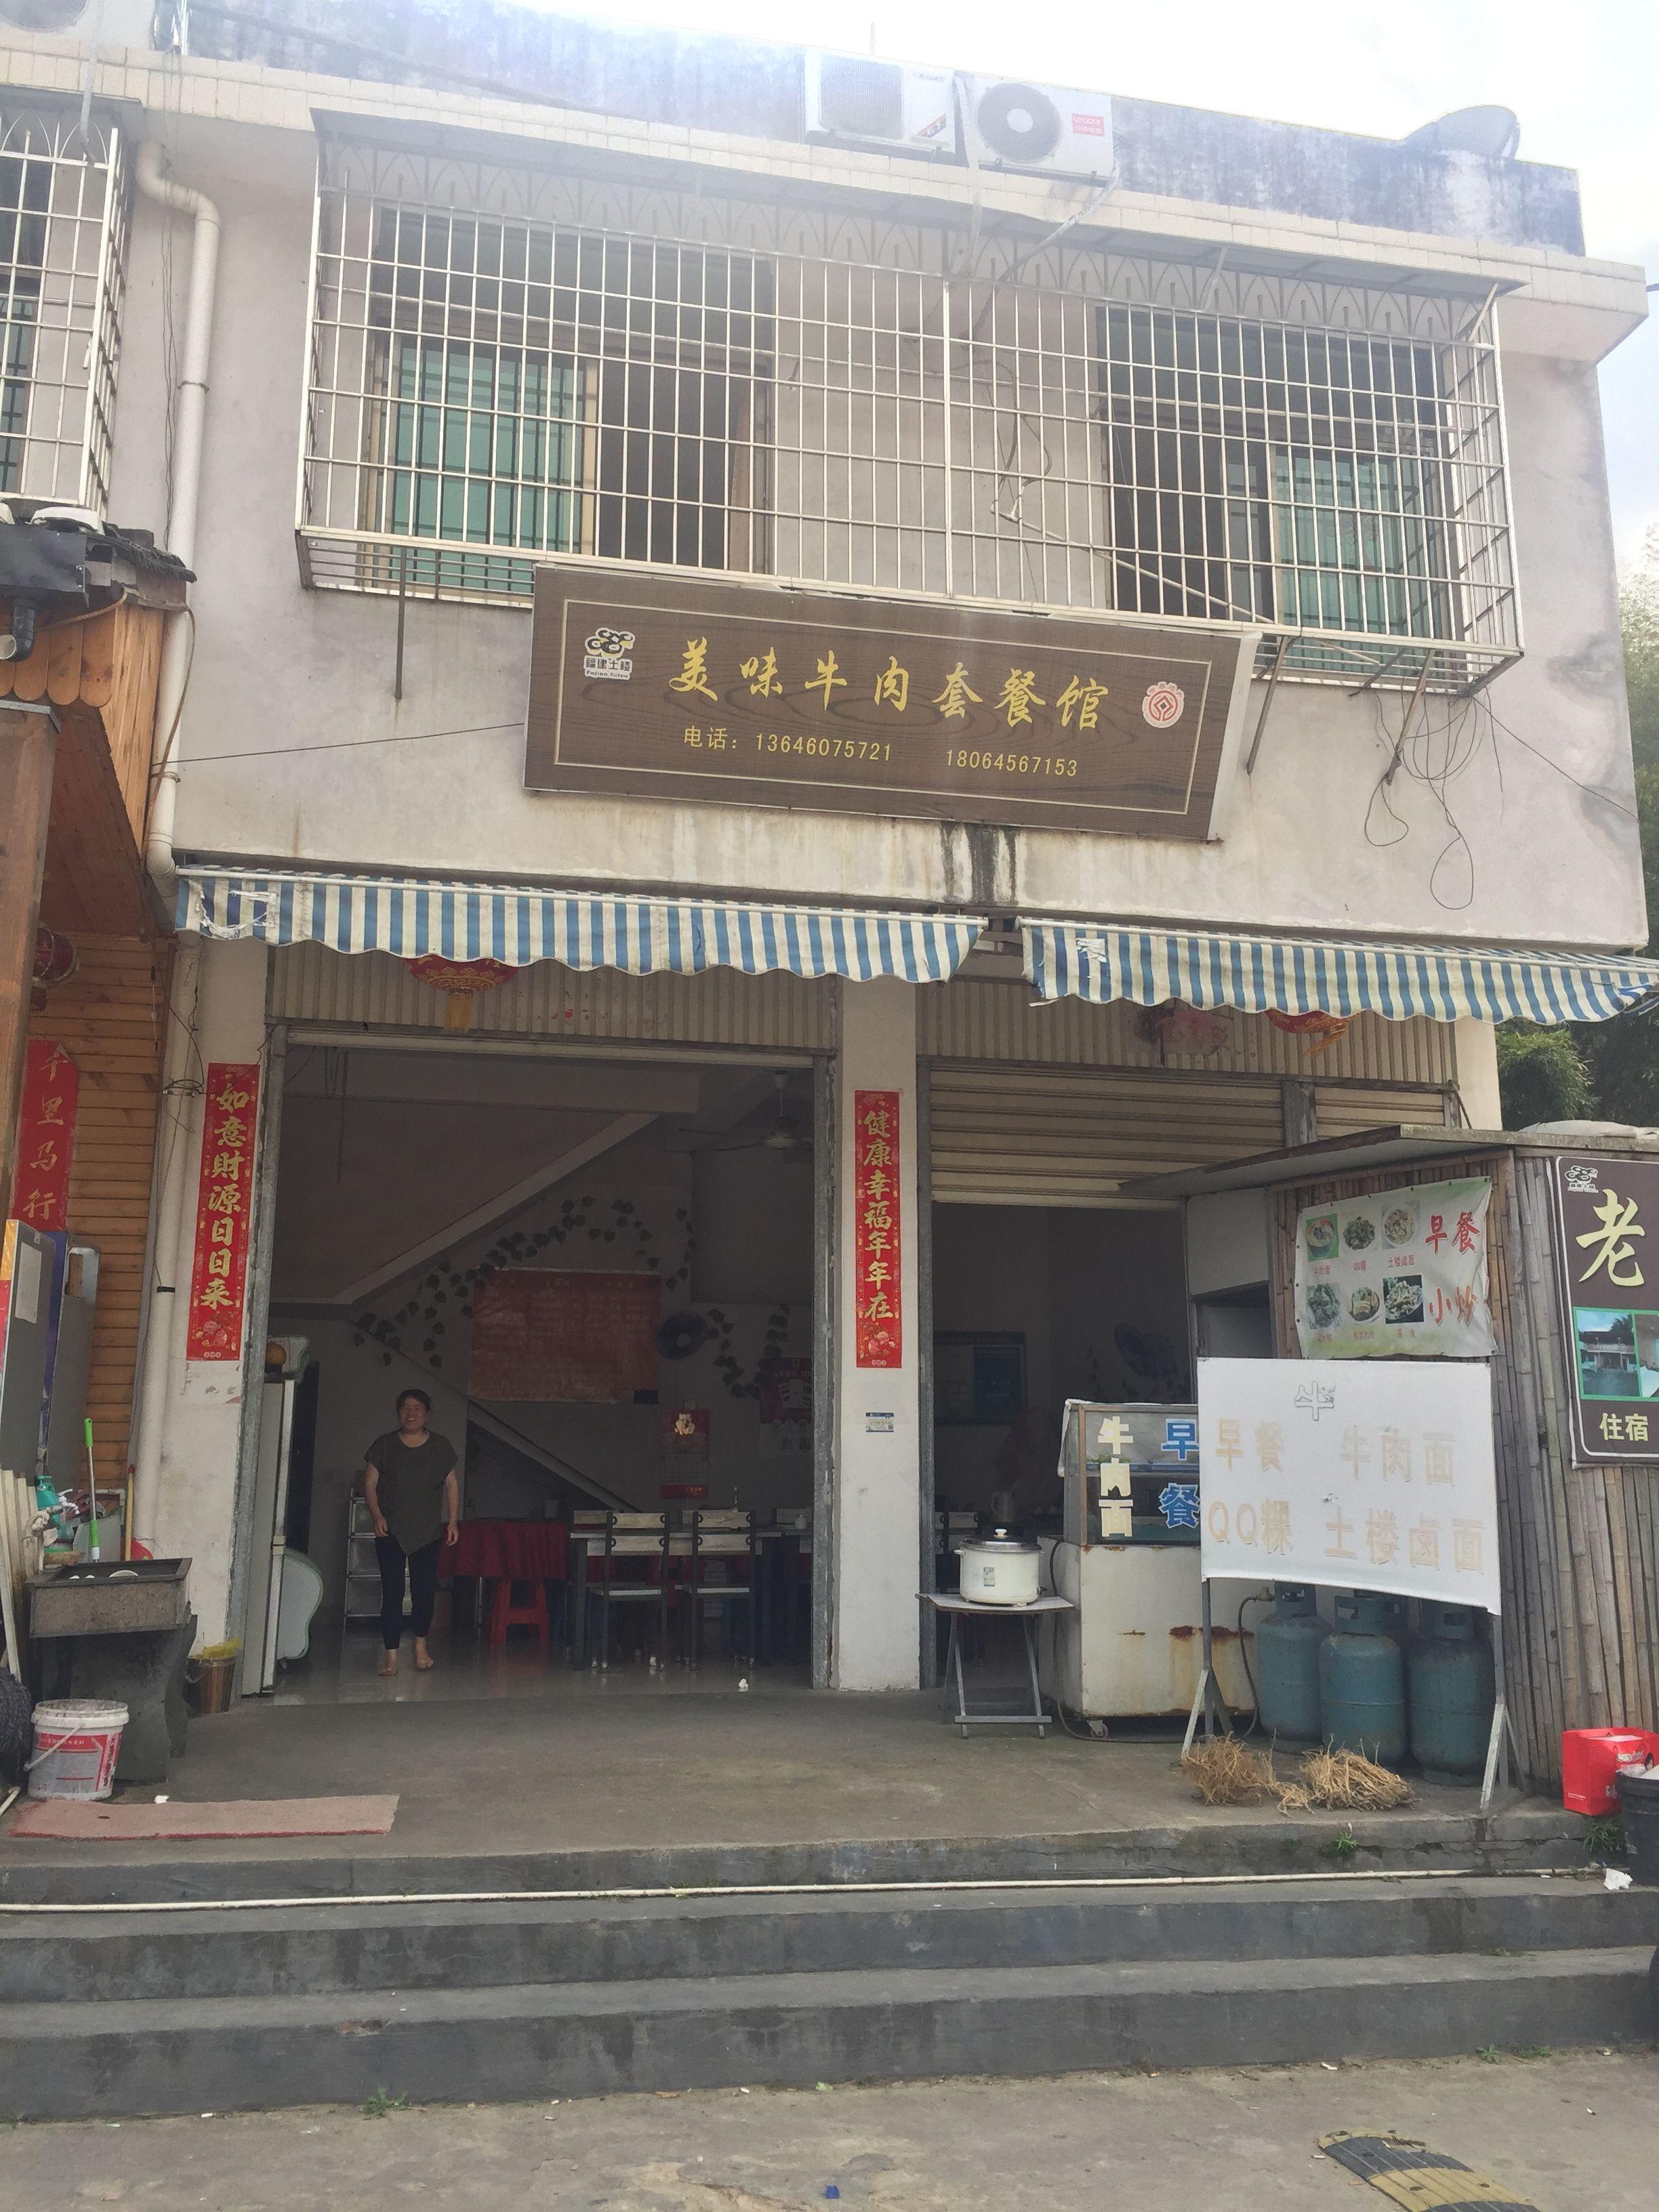 Zhanghou Yunshuiyao 漳州雲水謠 Broadway shows, Broadway